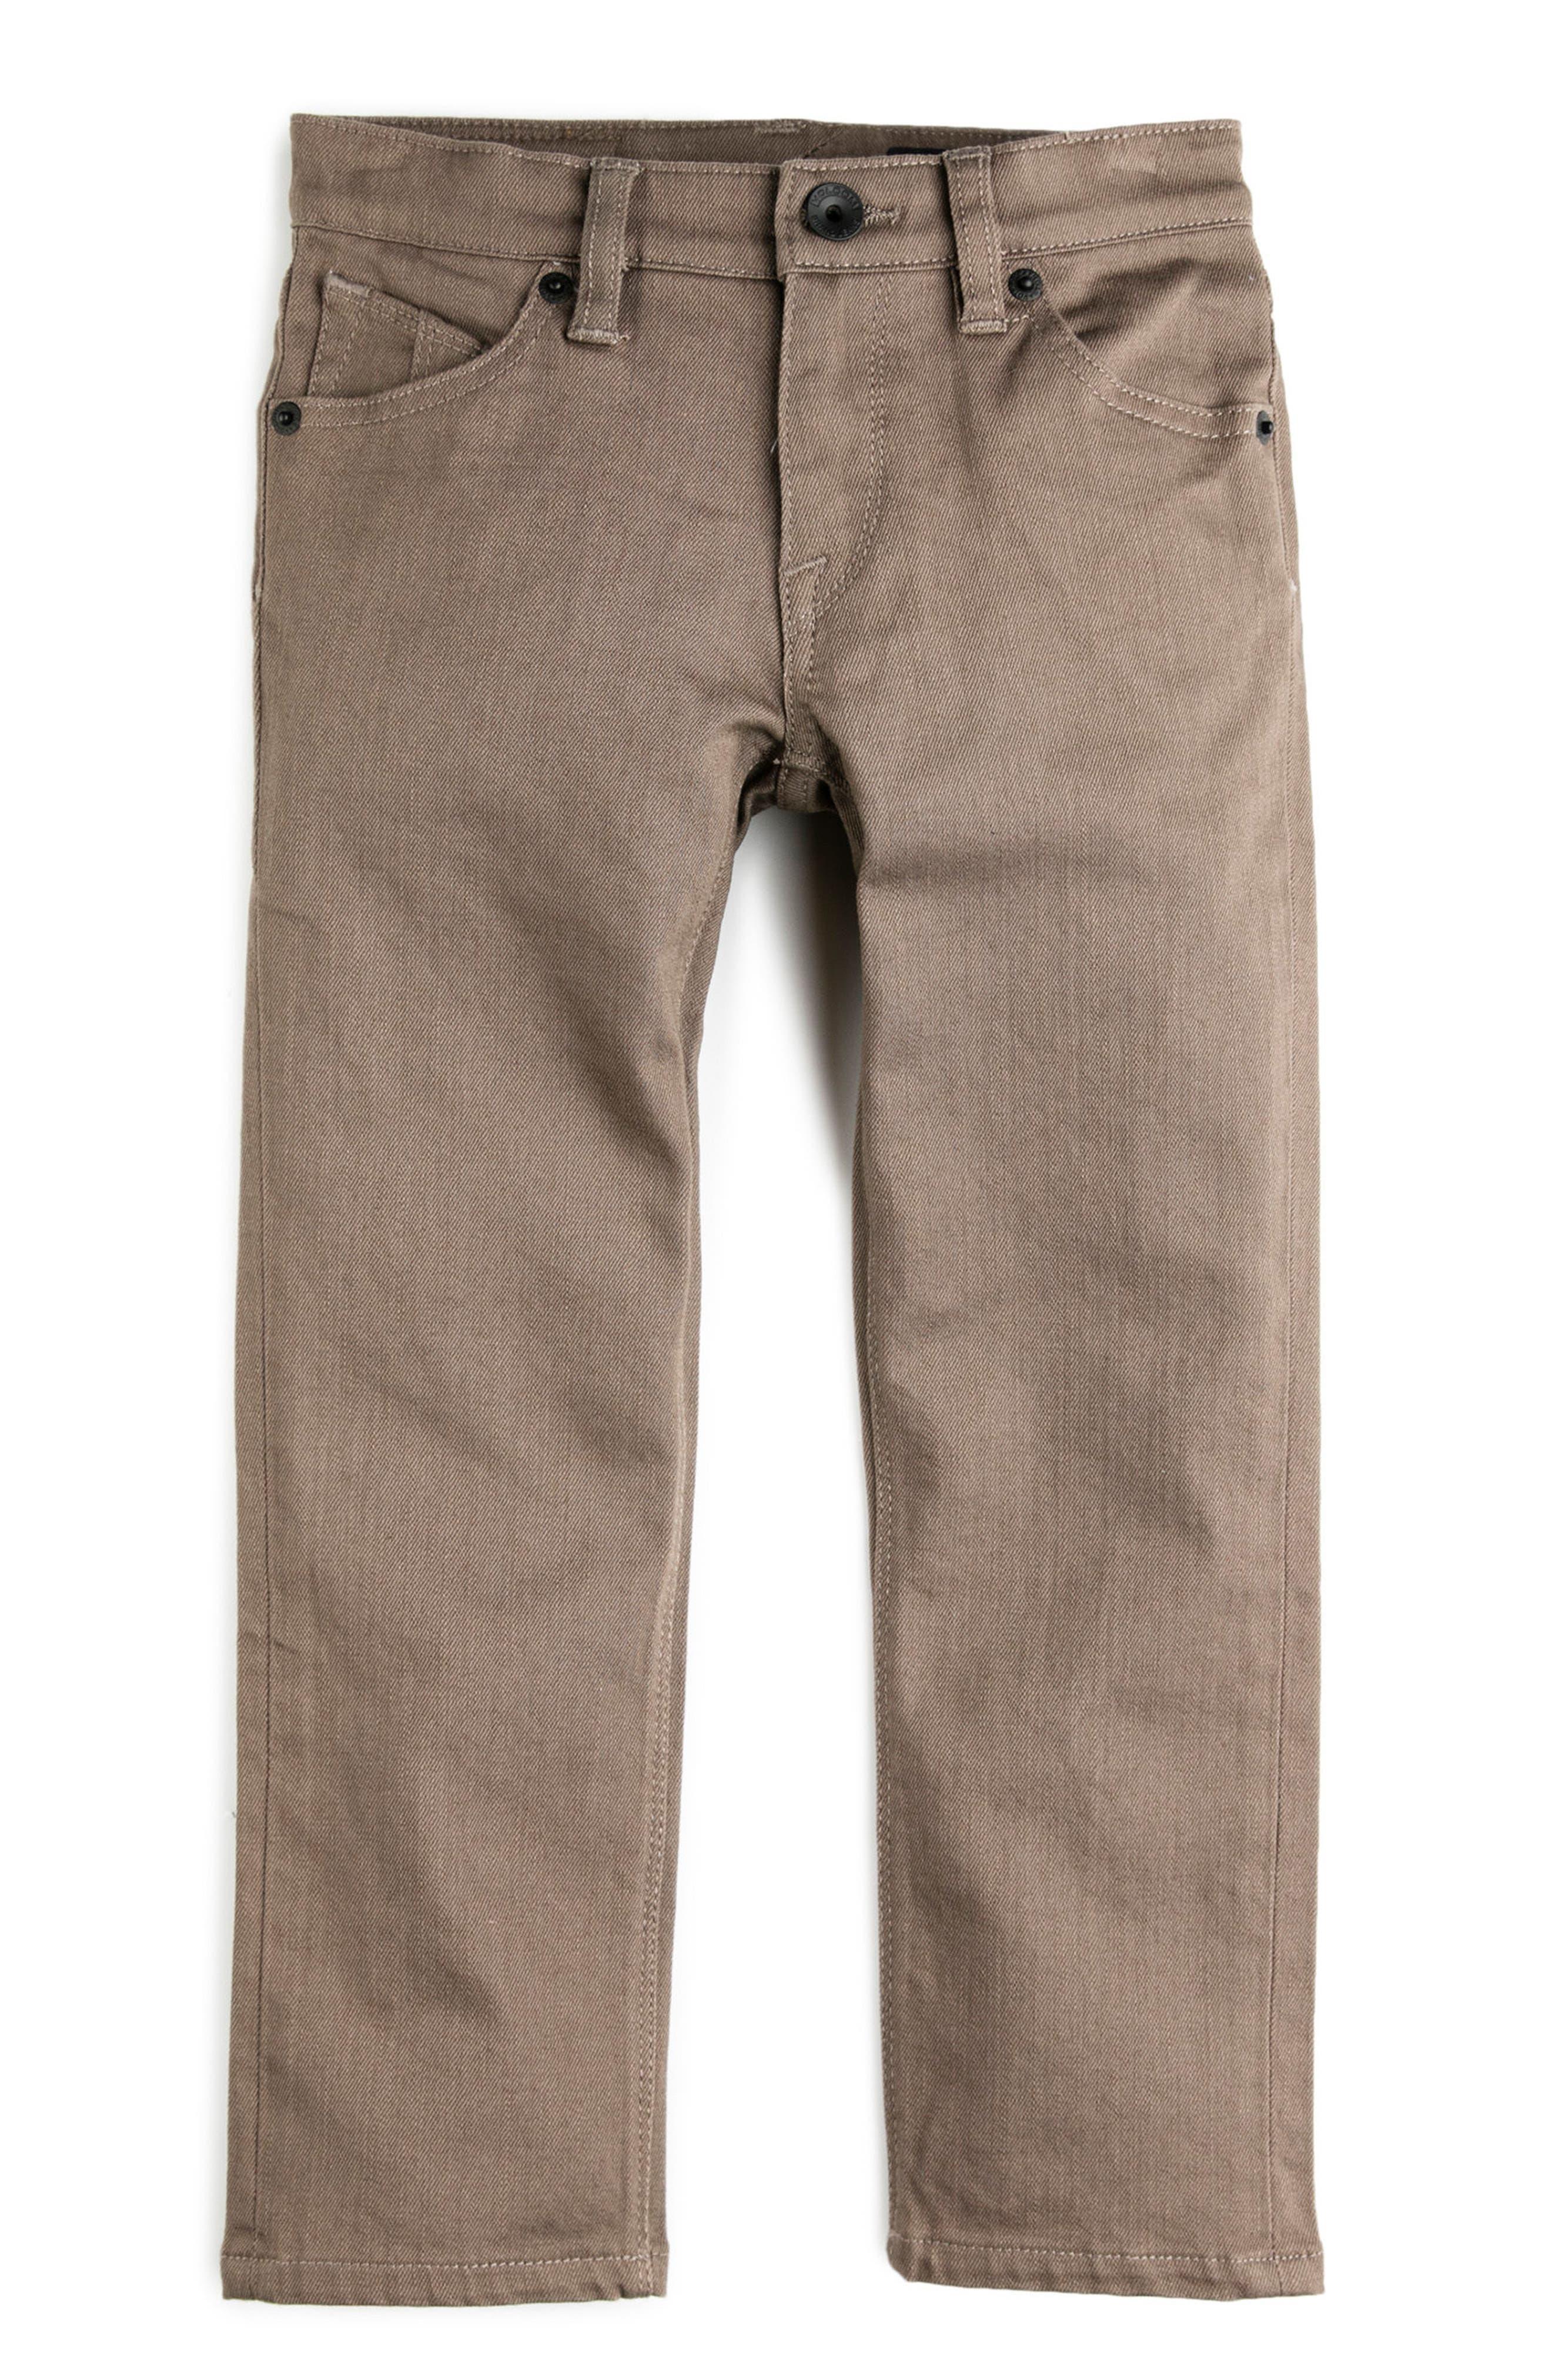 Vorta Slubbed Jeans,                         Main,                         color, 250